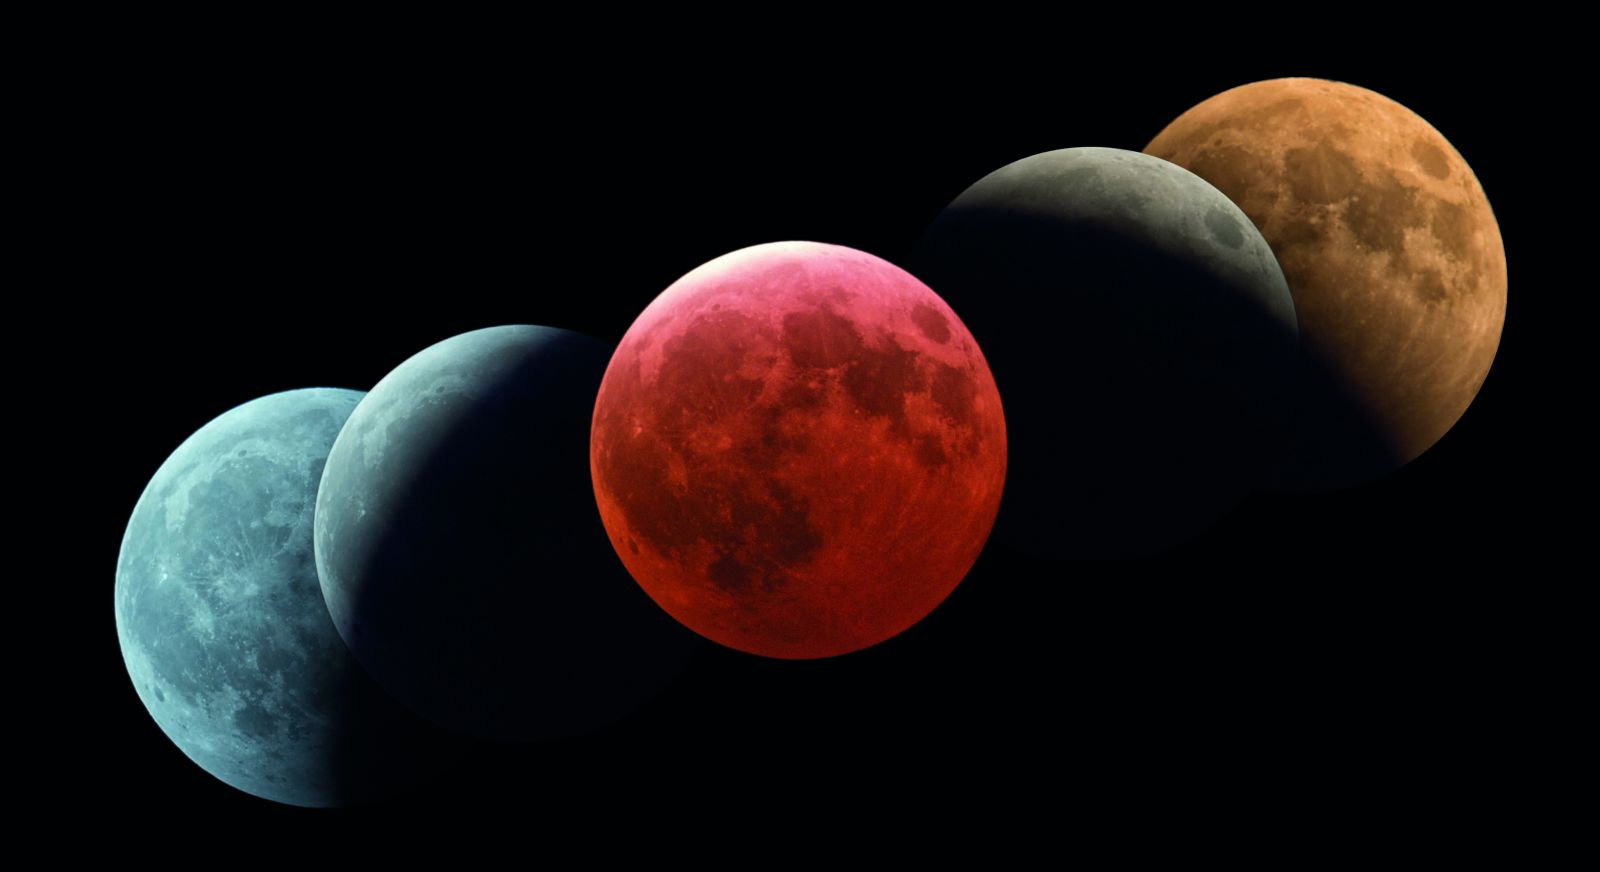 月全食和地球本影摄影